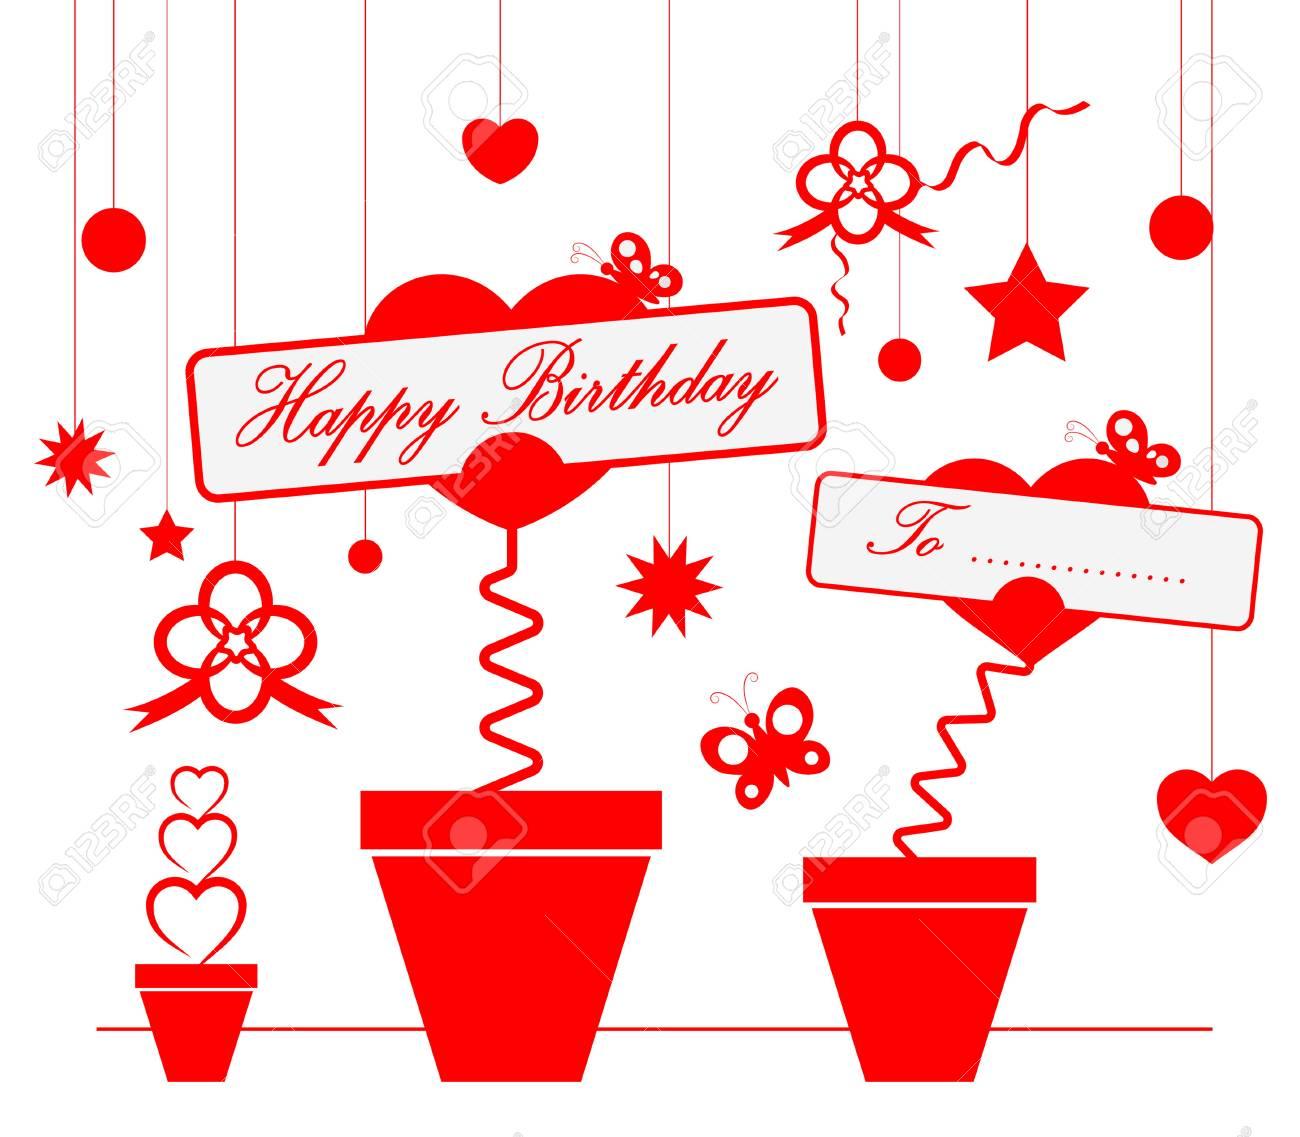 Carte Joyeux Anniversaire Avec Coeur Et Etoile Clip Art Libres De Droits Vecteurs Et Illustration Image 60658124